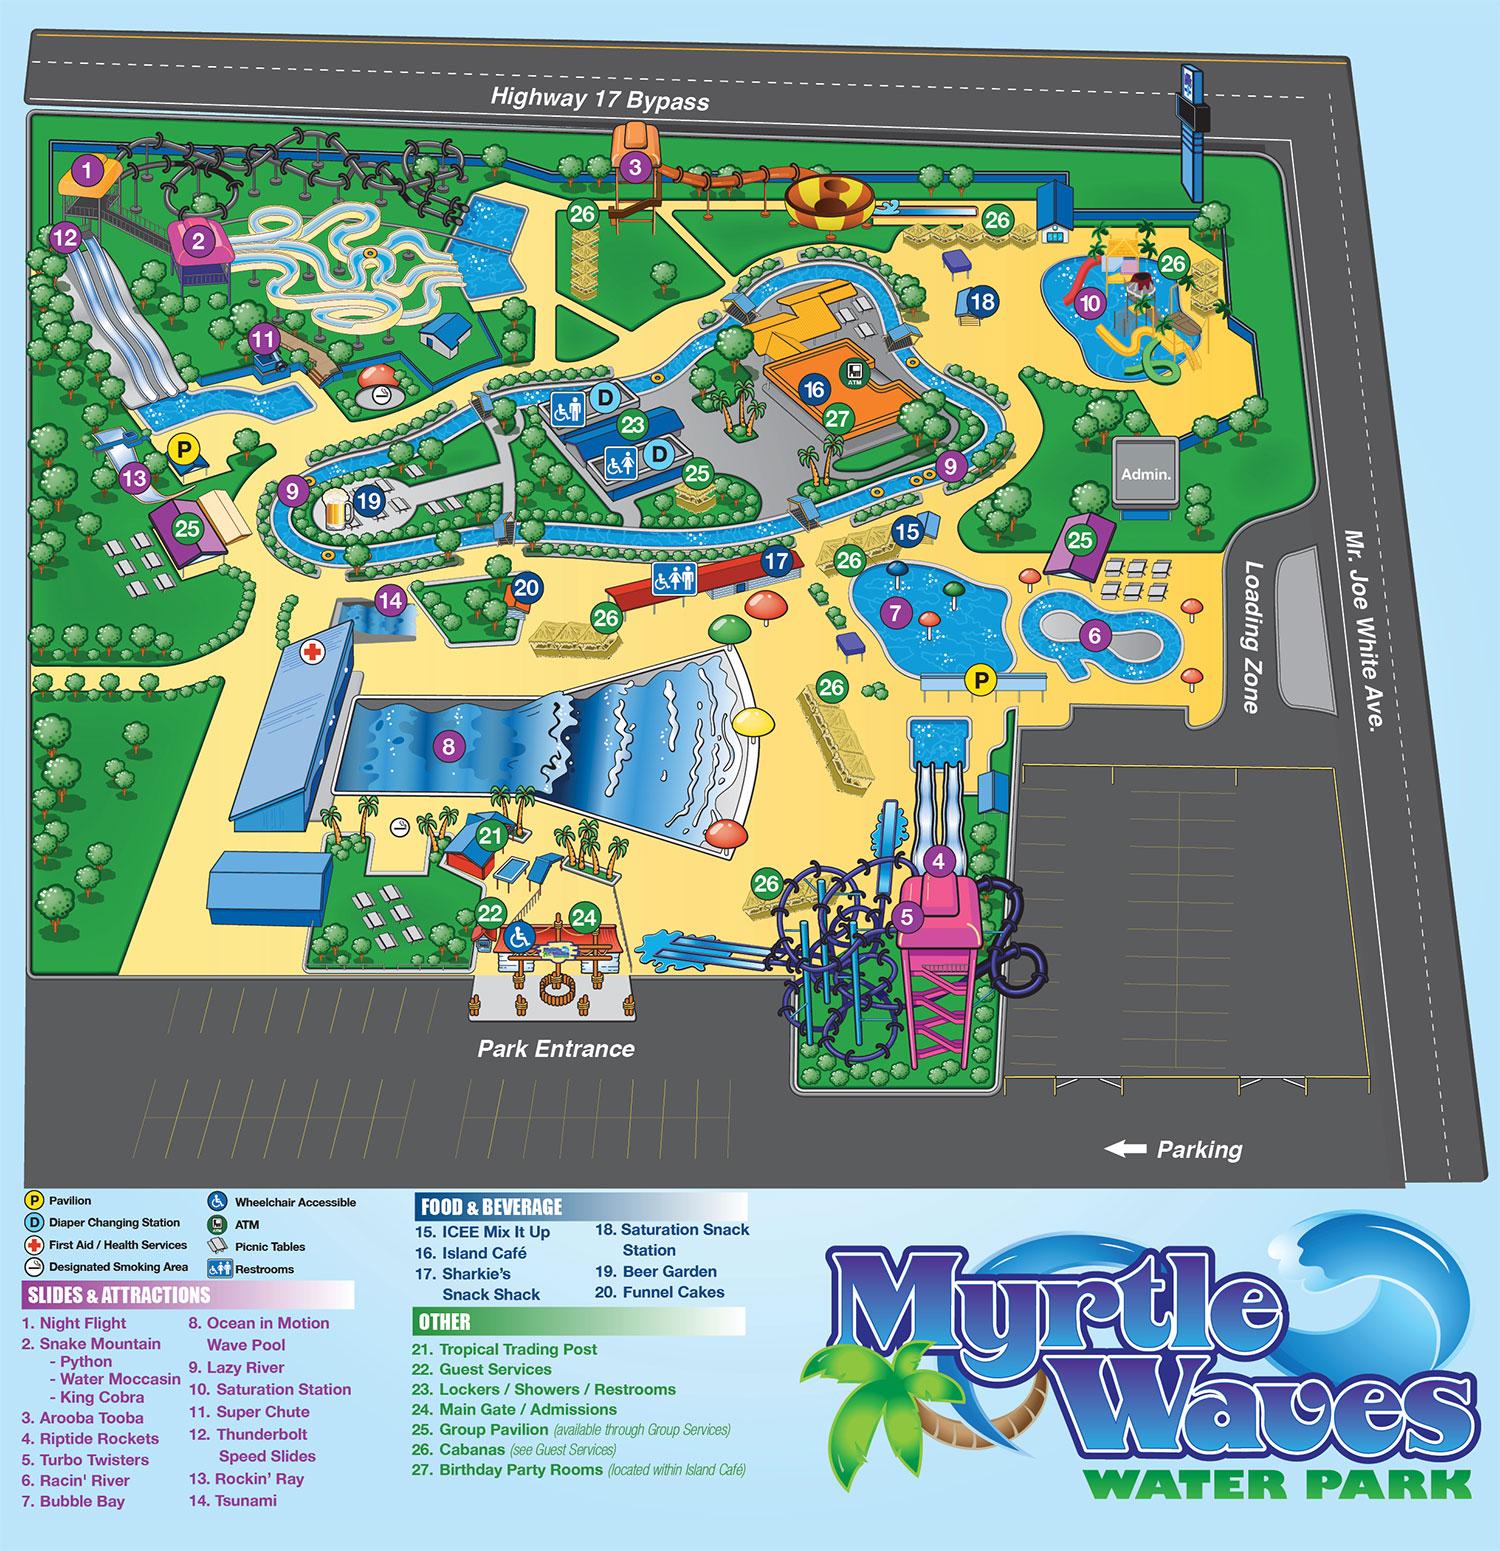 Park Info Myrtle Waves Myrtle Beach Water Park Myrtle Beach SC